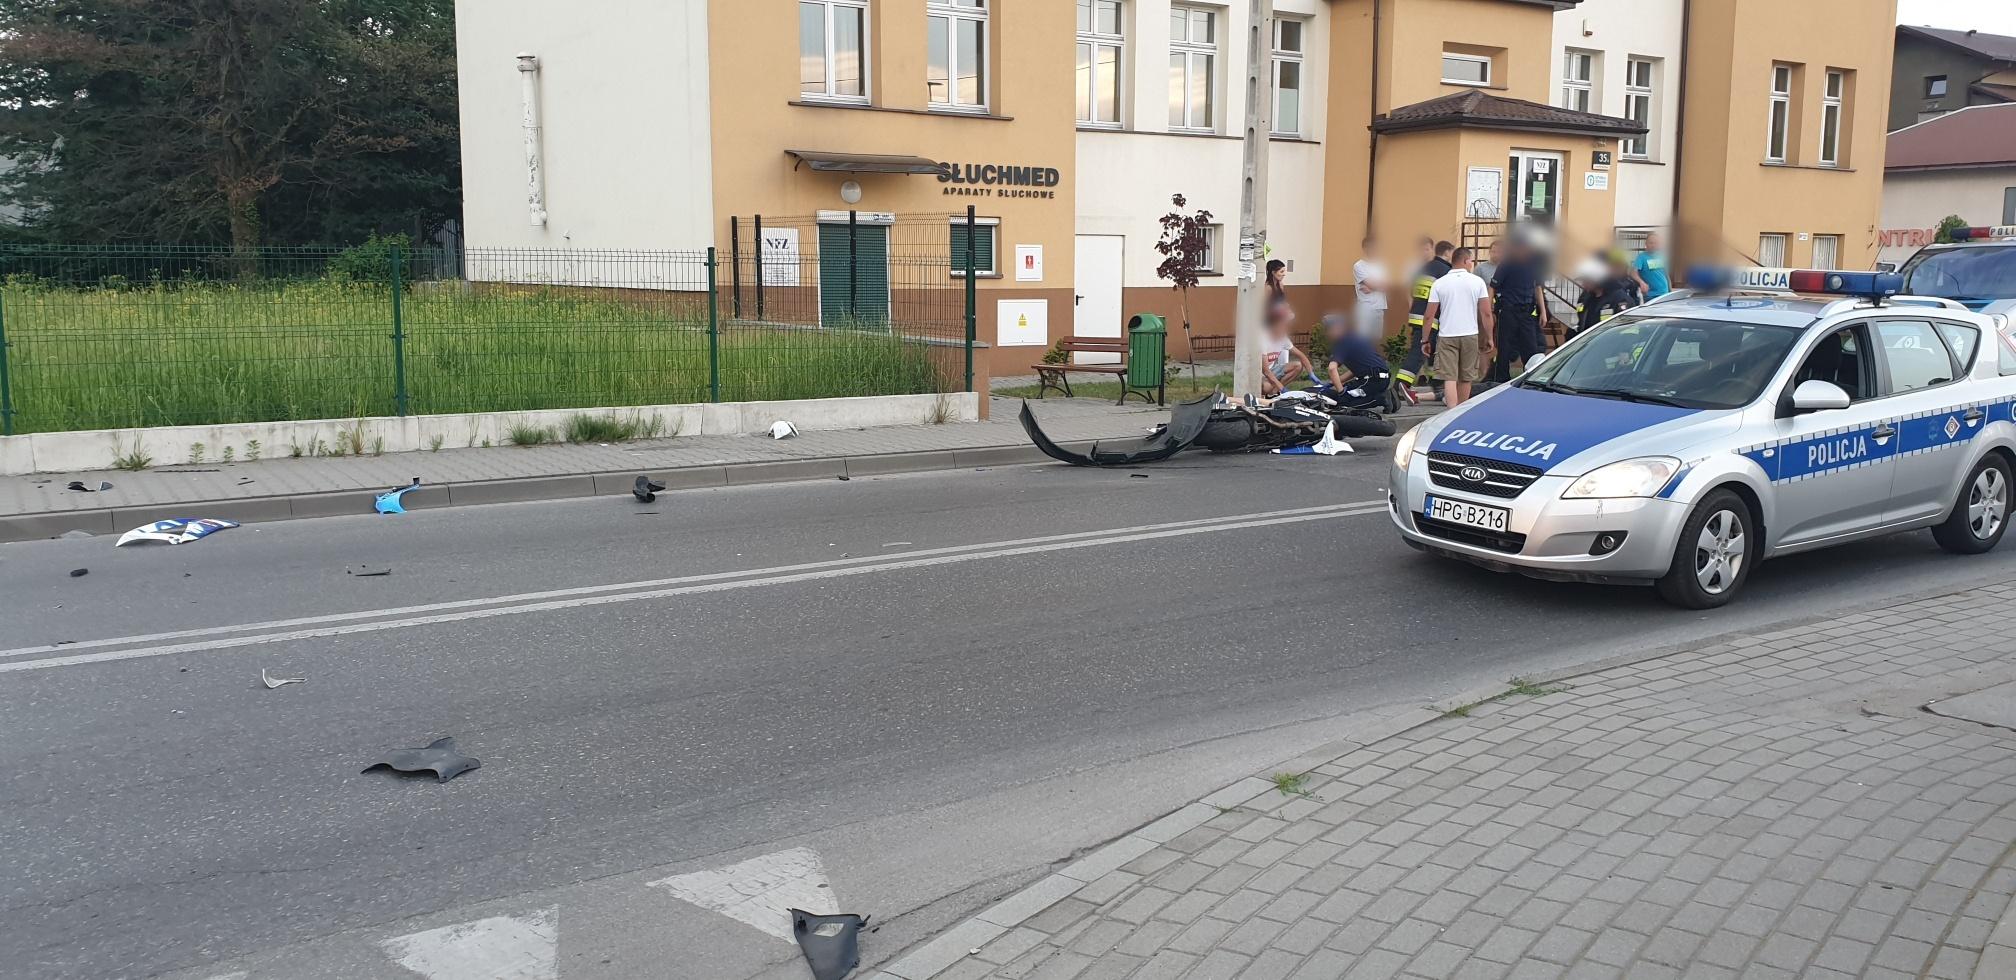 Poważny wypadek w Kętach. Są ranni [FOTO] [AKTUALIZACJA]